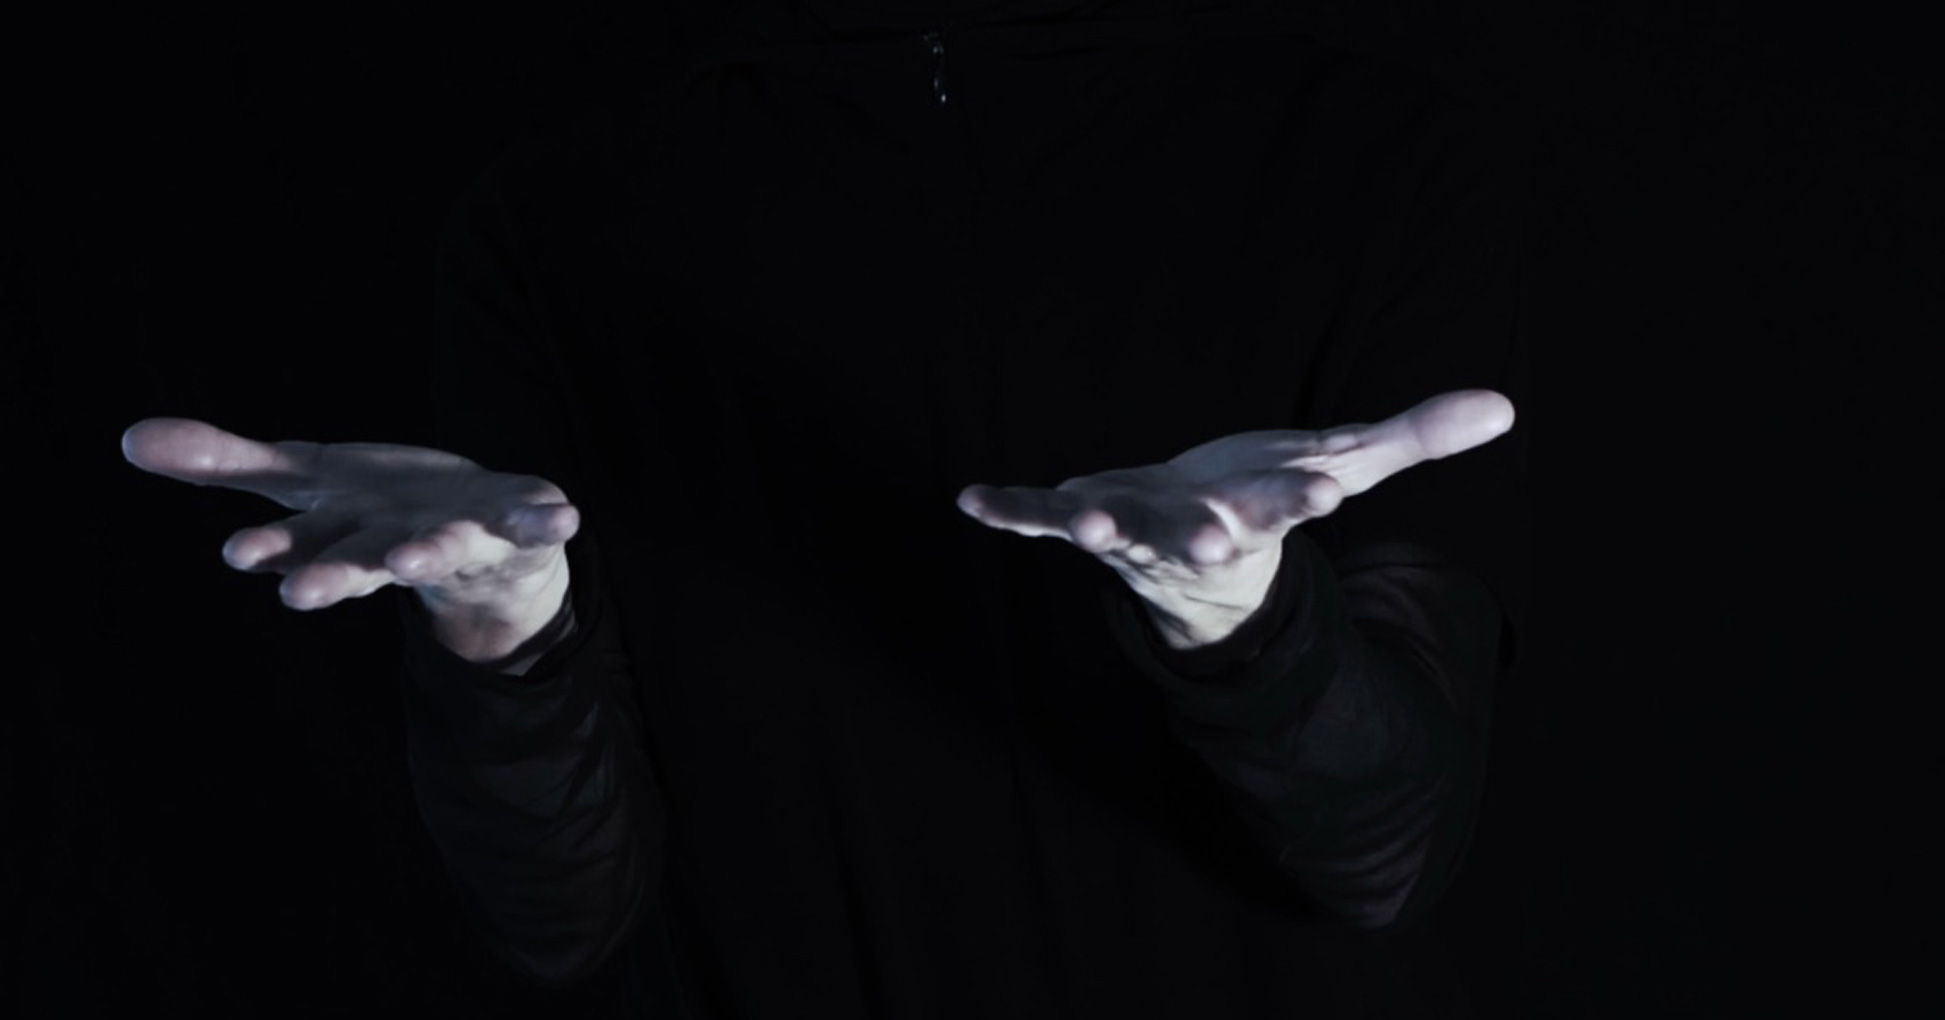 EL CUERPO QUE DEVIENE SONIDO Y LA RELACIÓN CON LA VOZ-PRESENCIA EN LA CREACIÓN